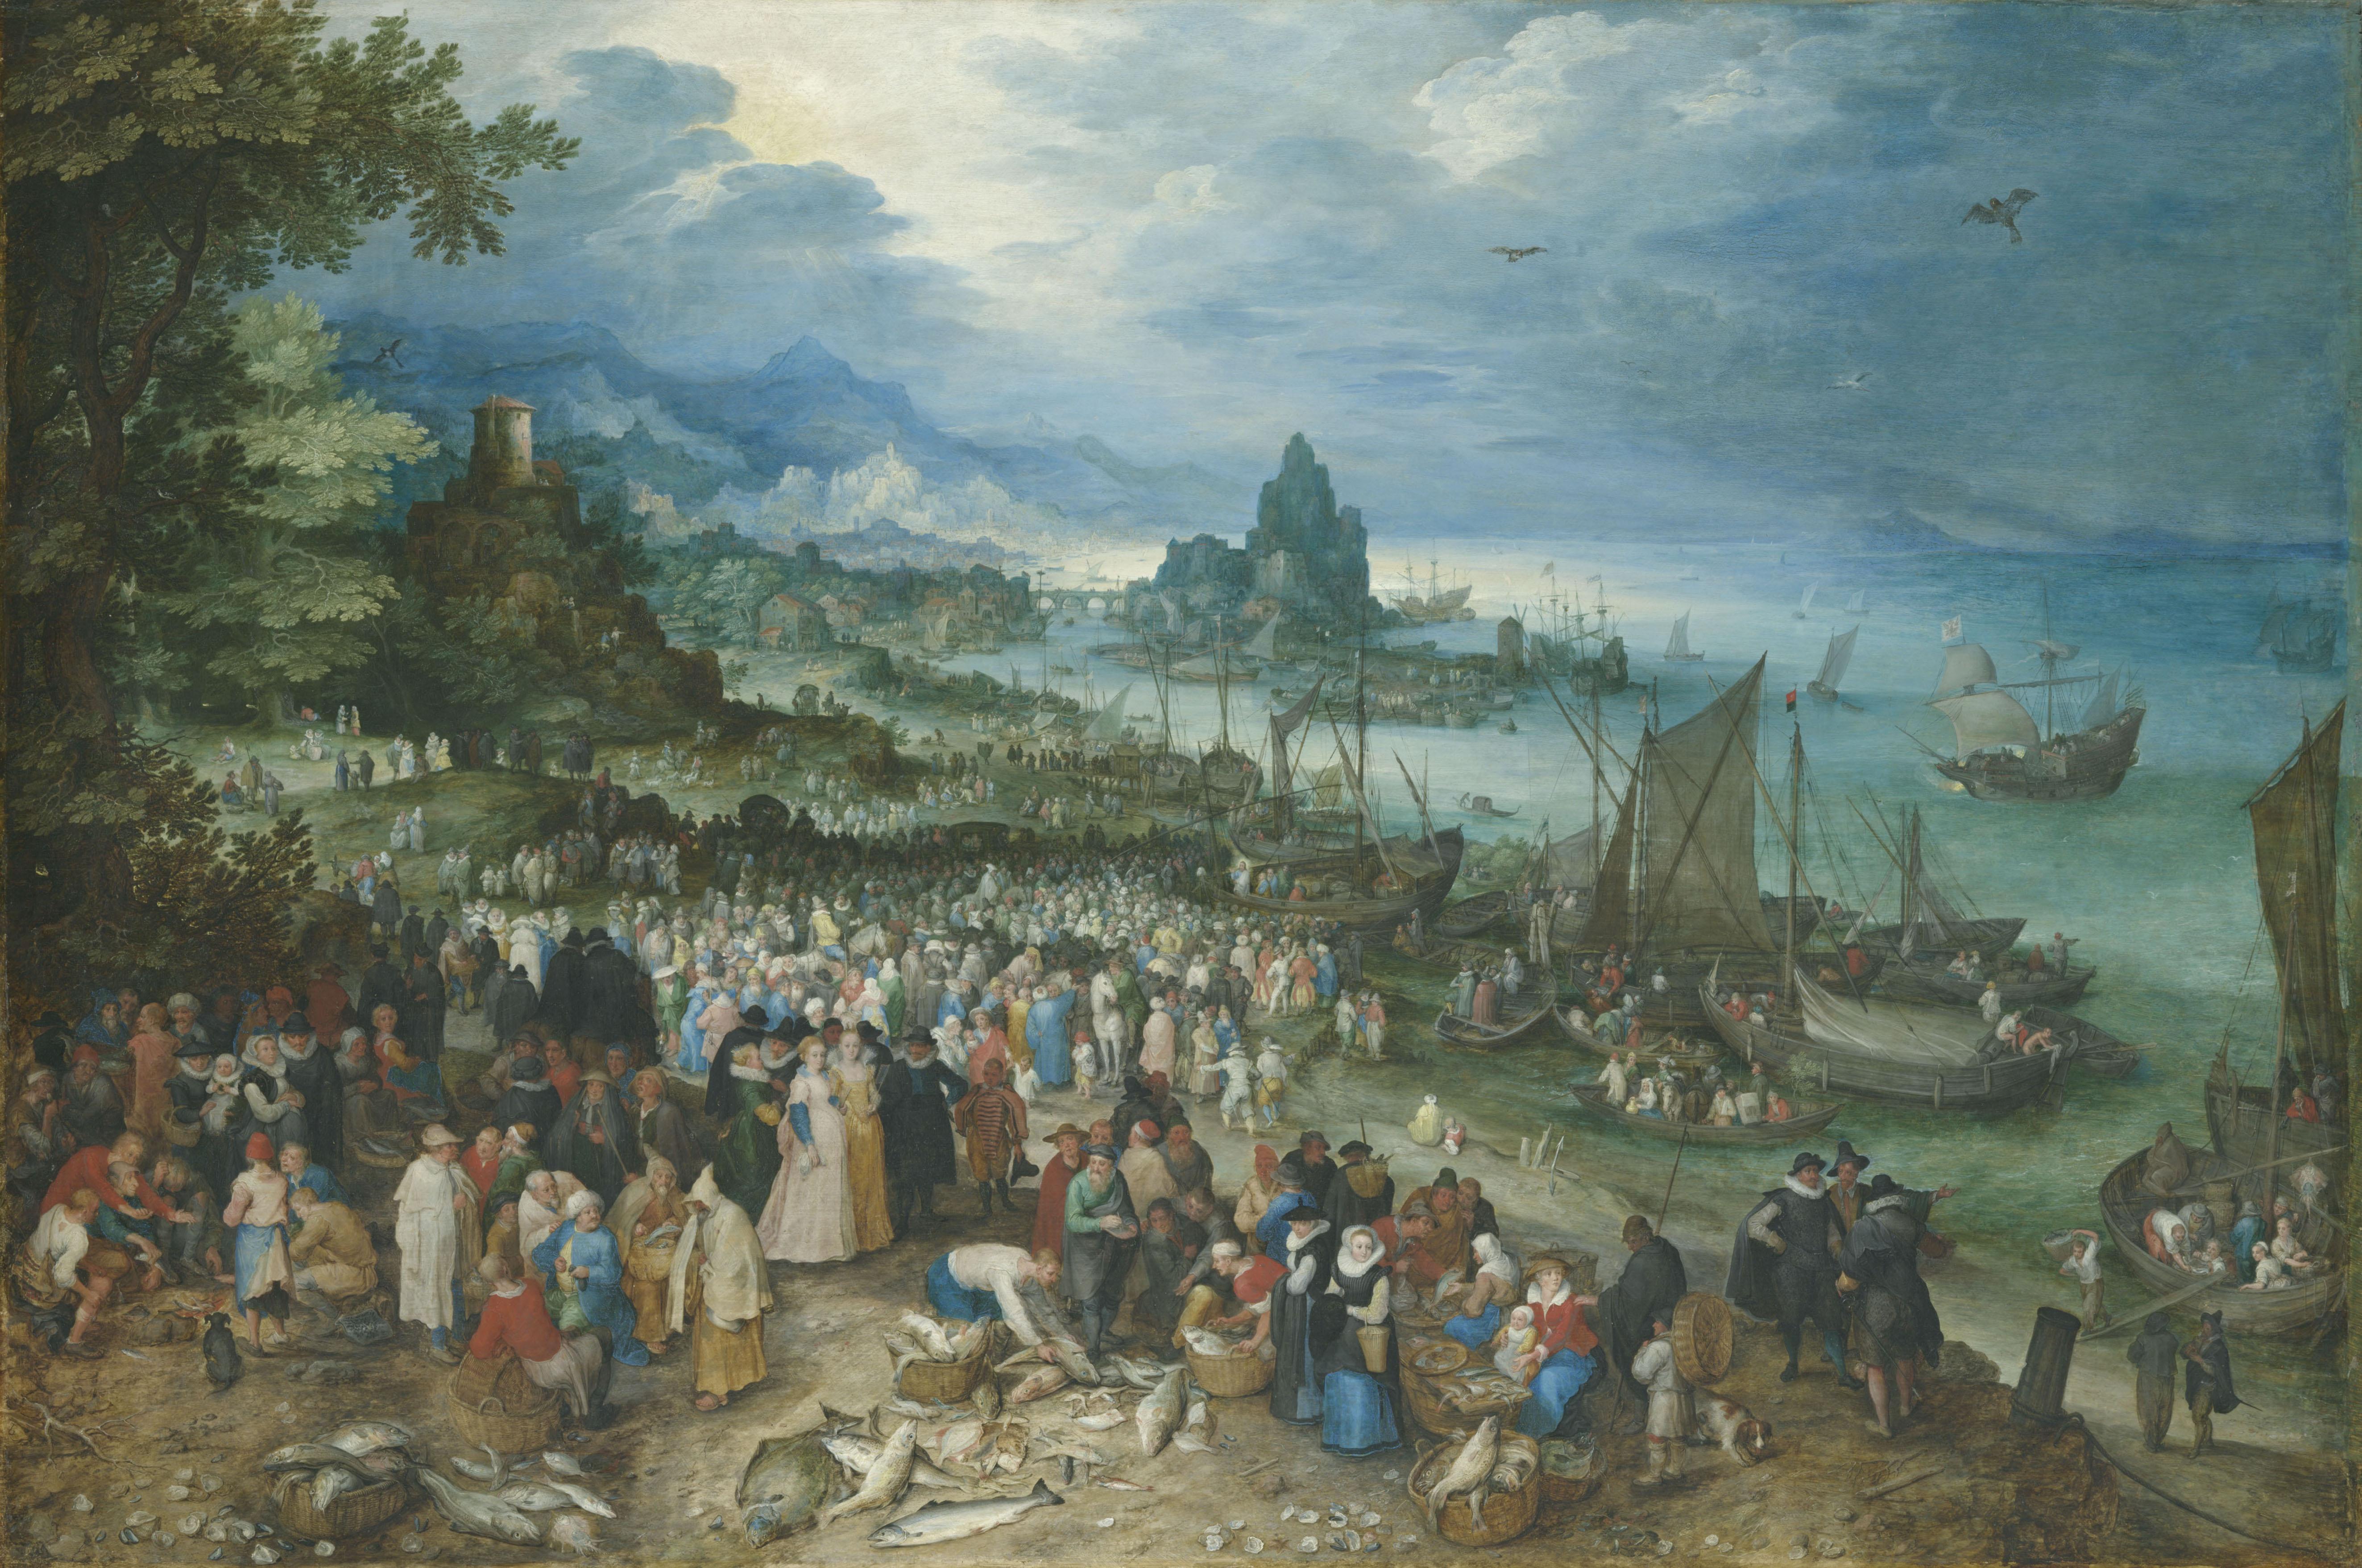 Jan Brueghel the Elder (1568-1625), <em>Harbor scene with Christ Preaching</em>, 1598<br>© Bayerische Staatsgemäldesammlungen, Alte Pinakothek, München